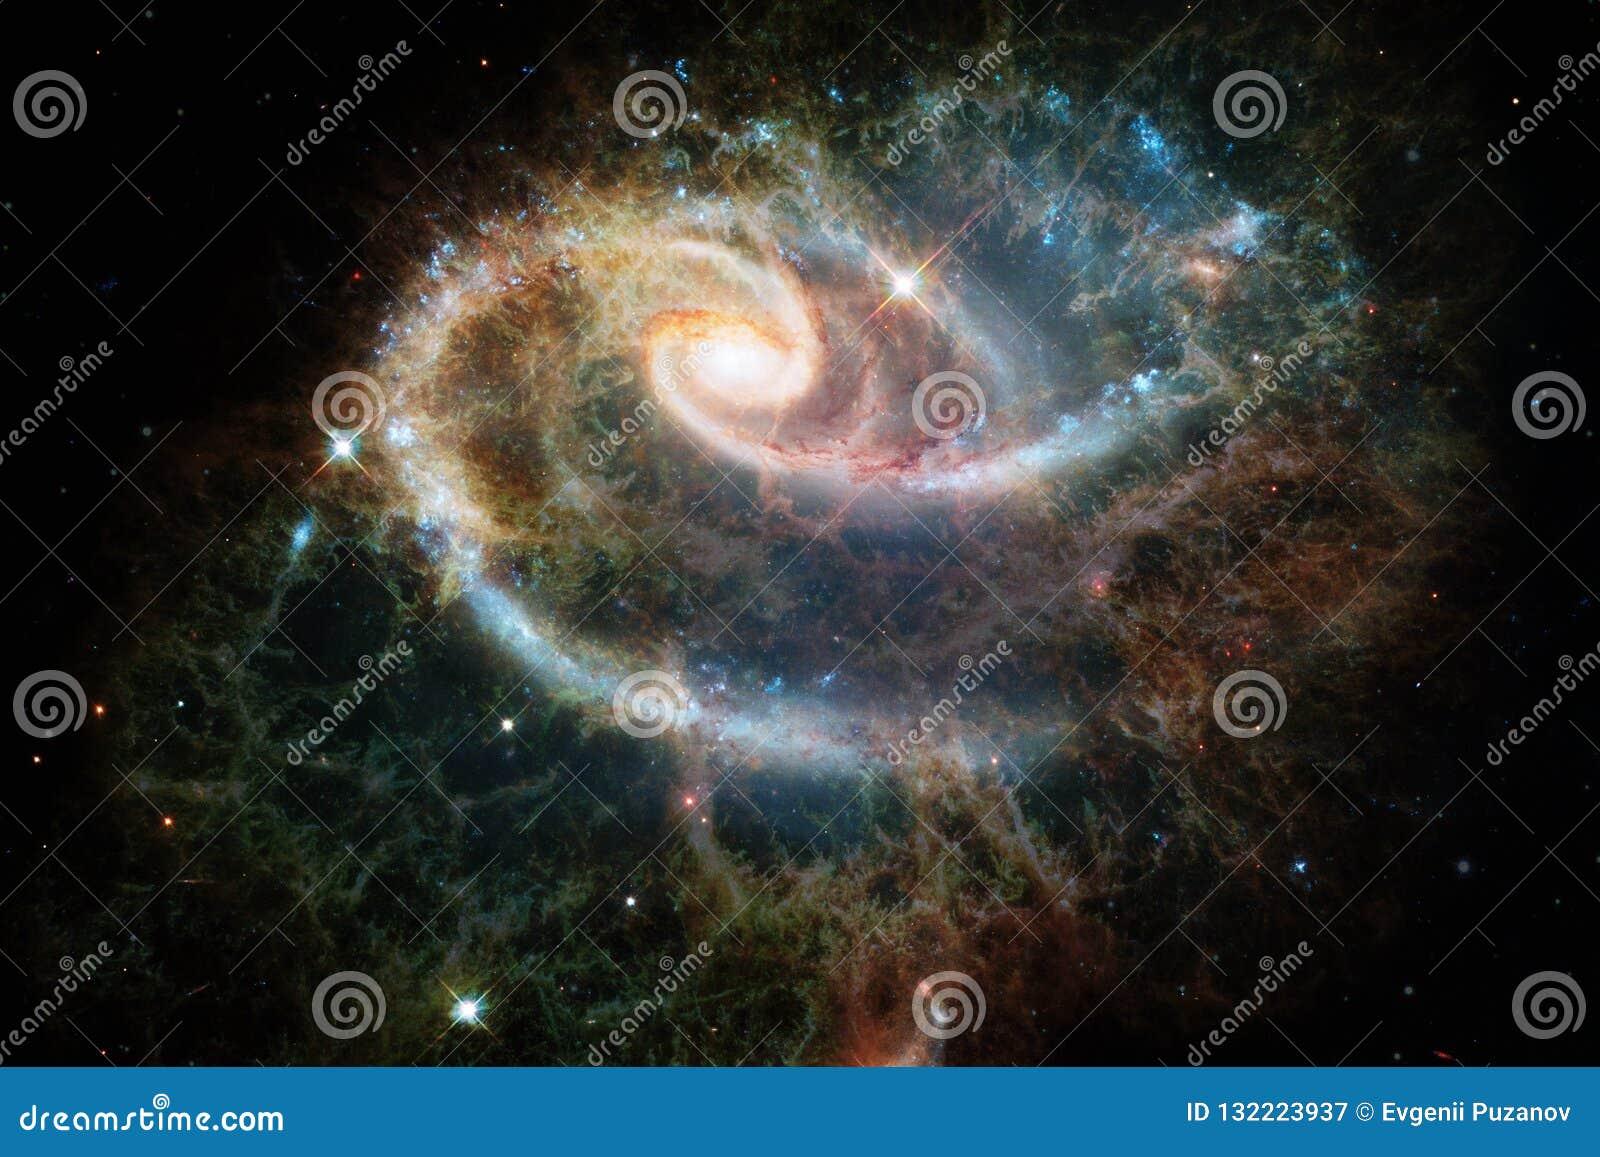 Глубокий космос Фантазия научной фантастики в высоком разрешении идеальном для обоев